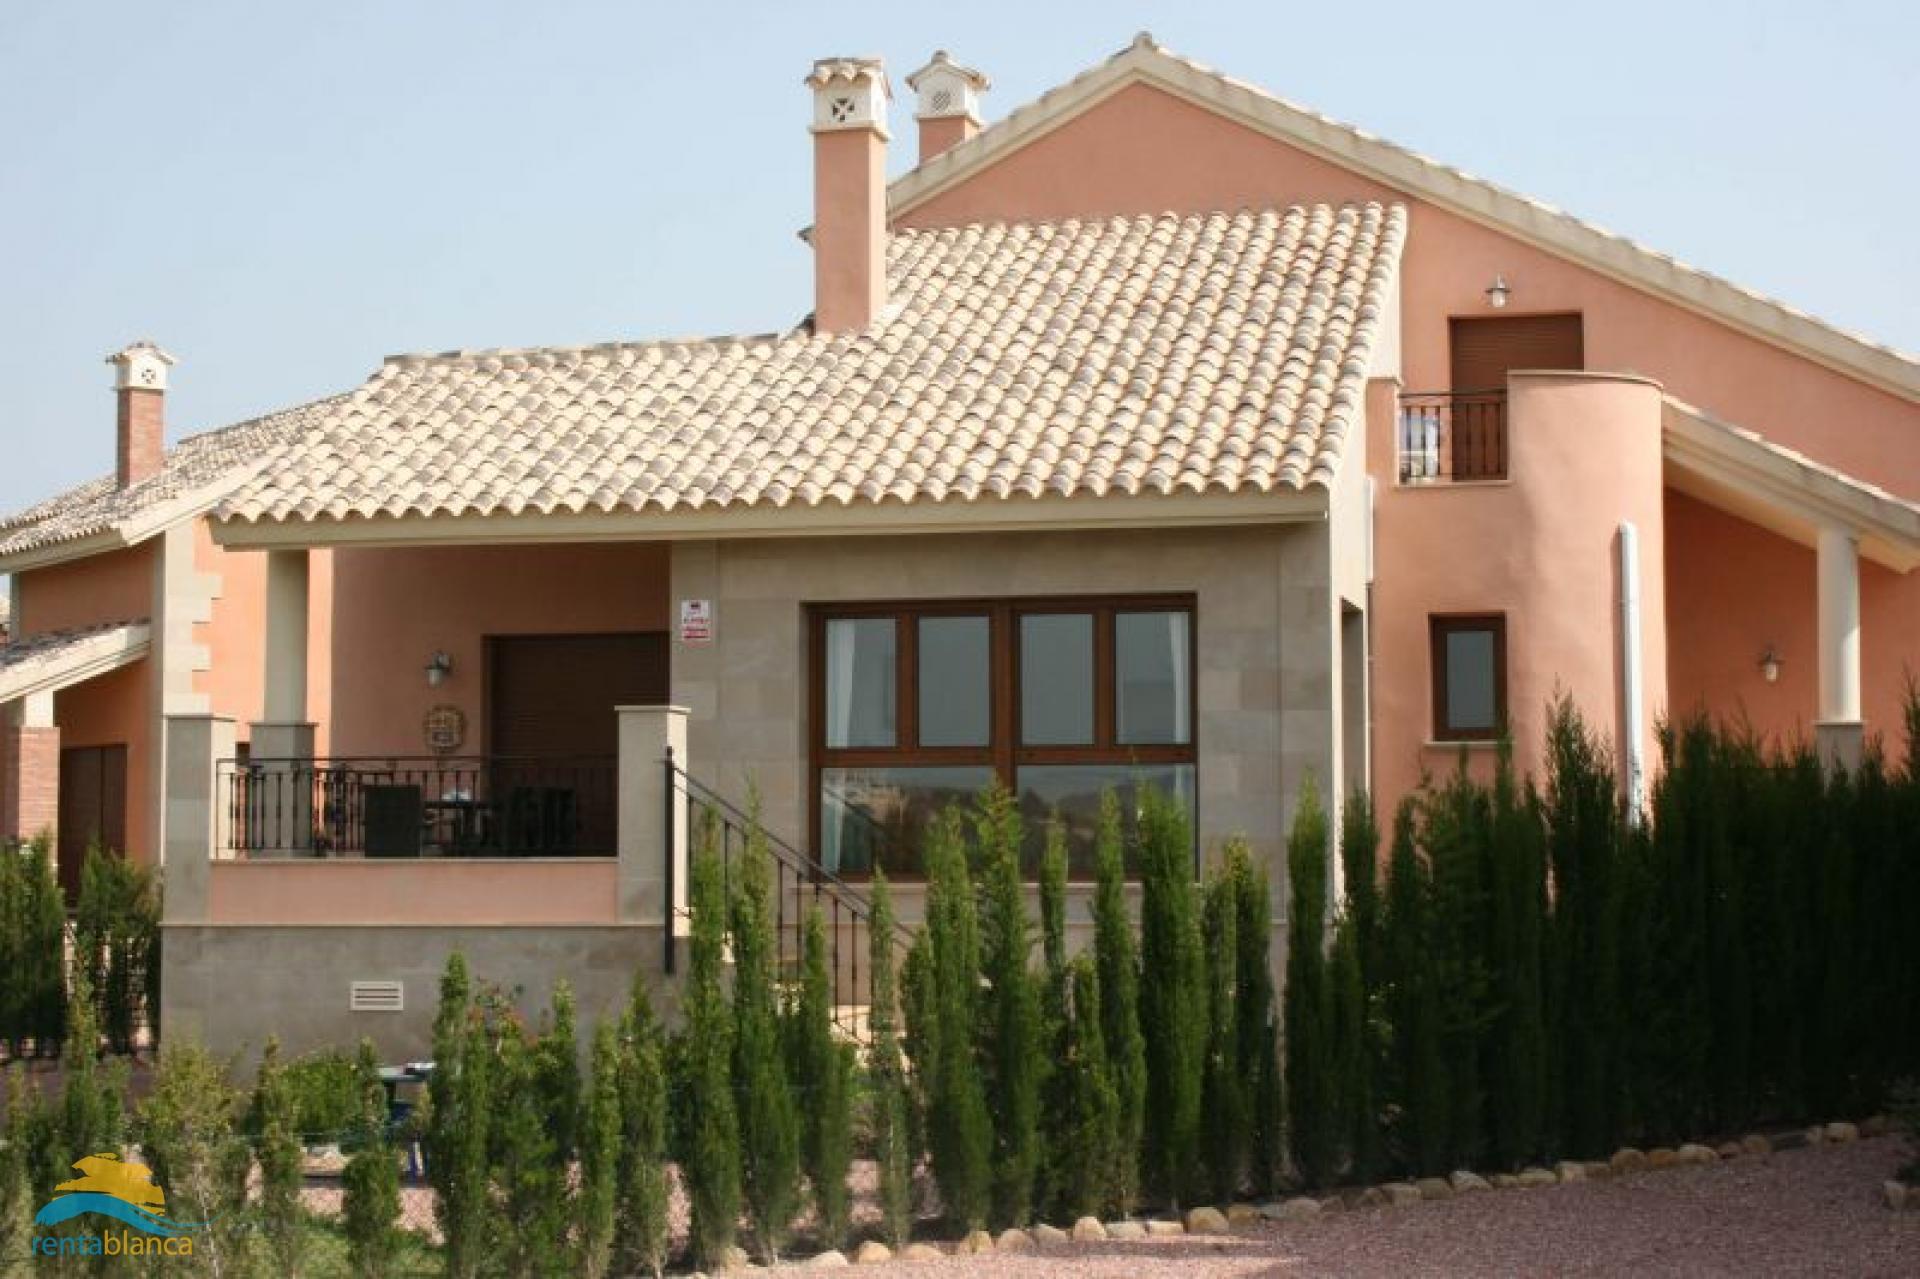 Villa golfcourse La Finca - Algorfa - Rentablanca